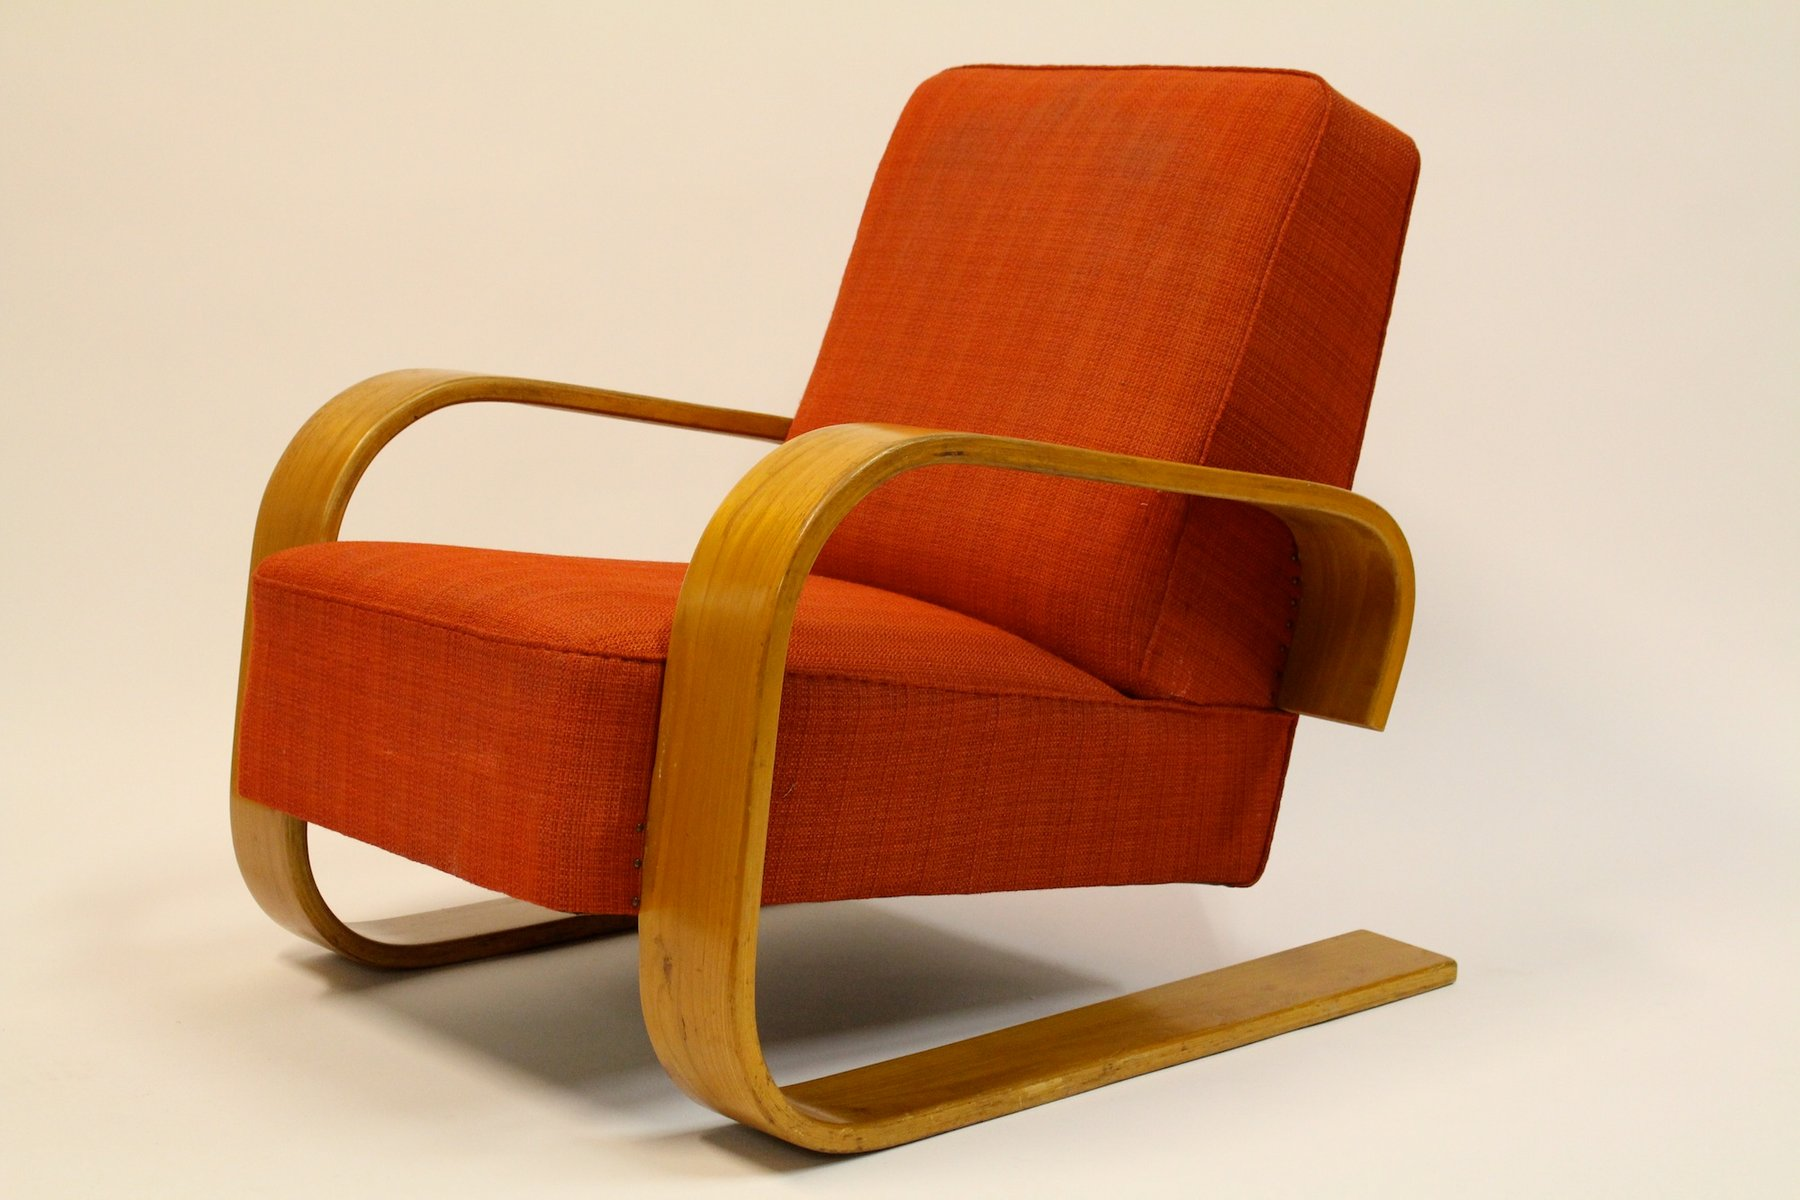 Chaise Modle 400 Par Alvar Aalto Pour Artek 1950s En Vente Sur Pamono